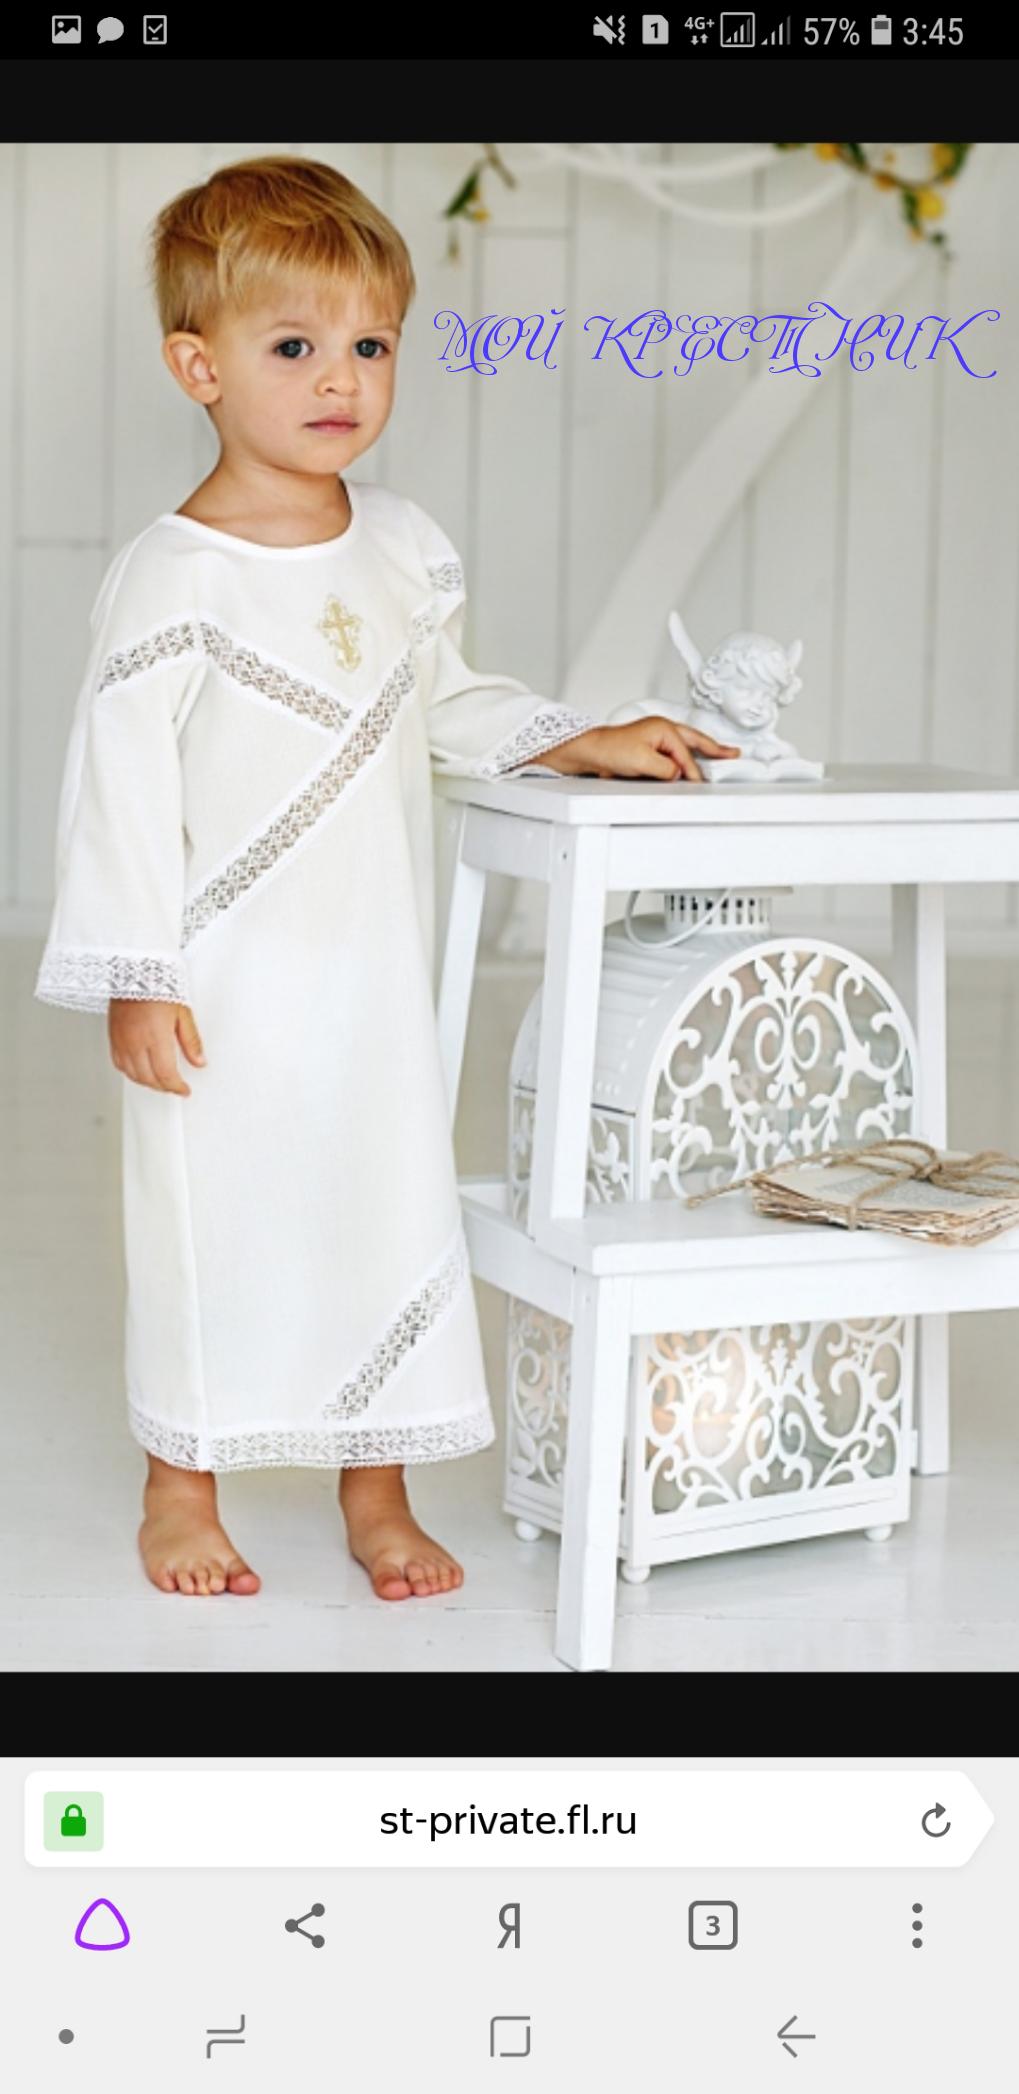 Логотип для крестильной одежды(детской). фото f_6395d4d9c3eafc3d.png